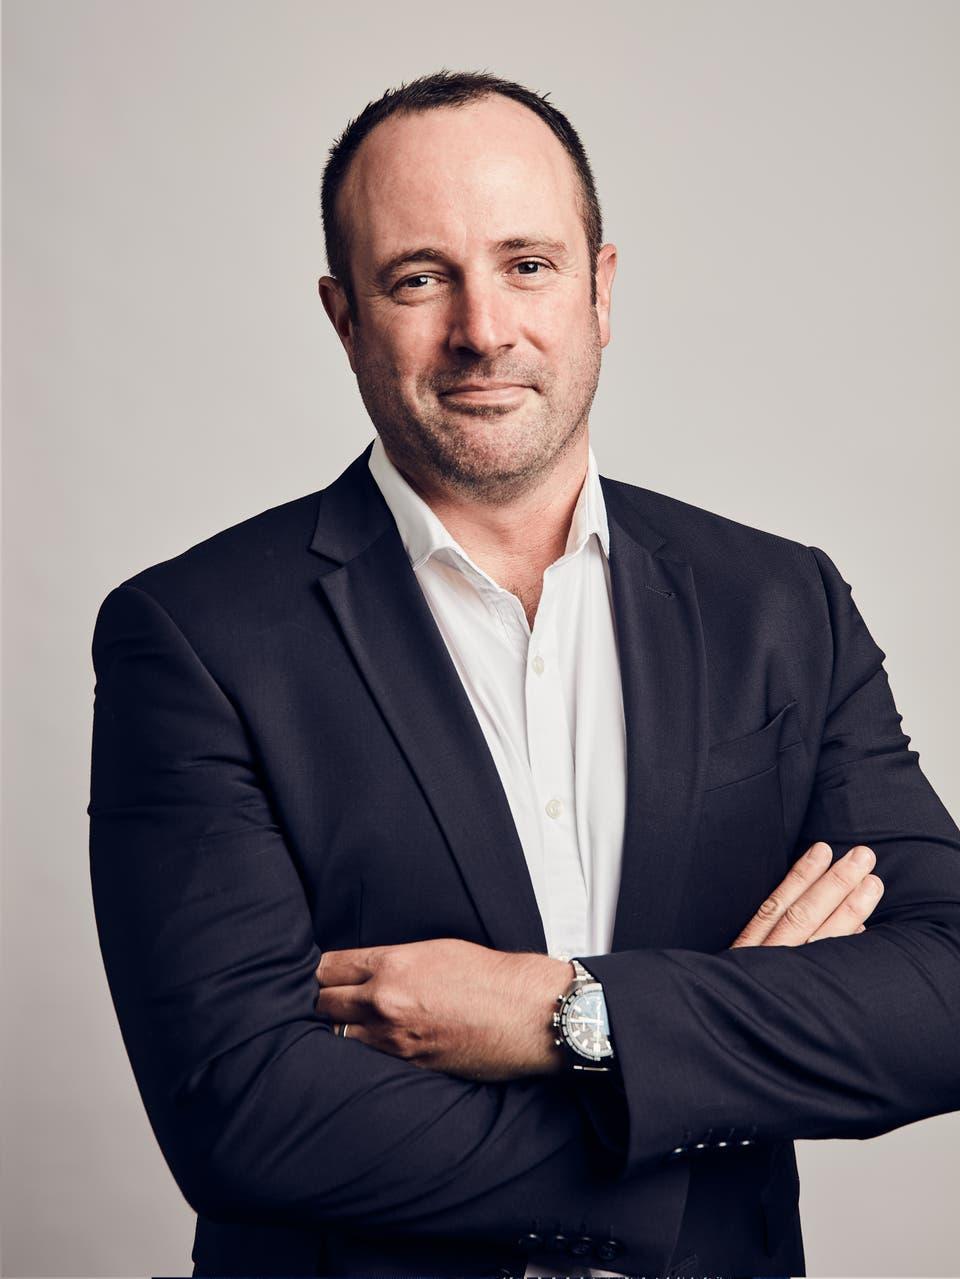 Matt Connell, National Managing Director, MKTG